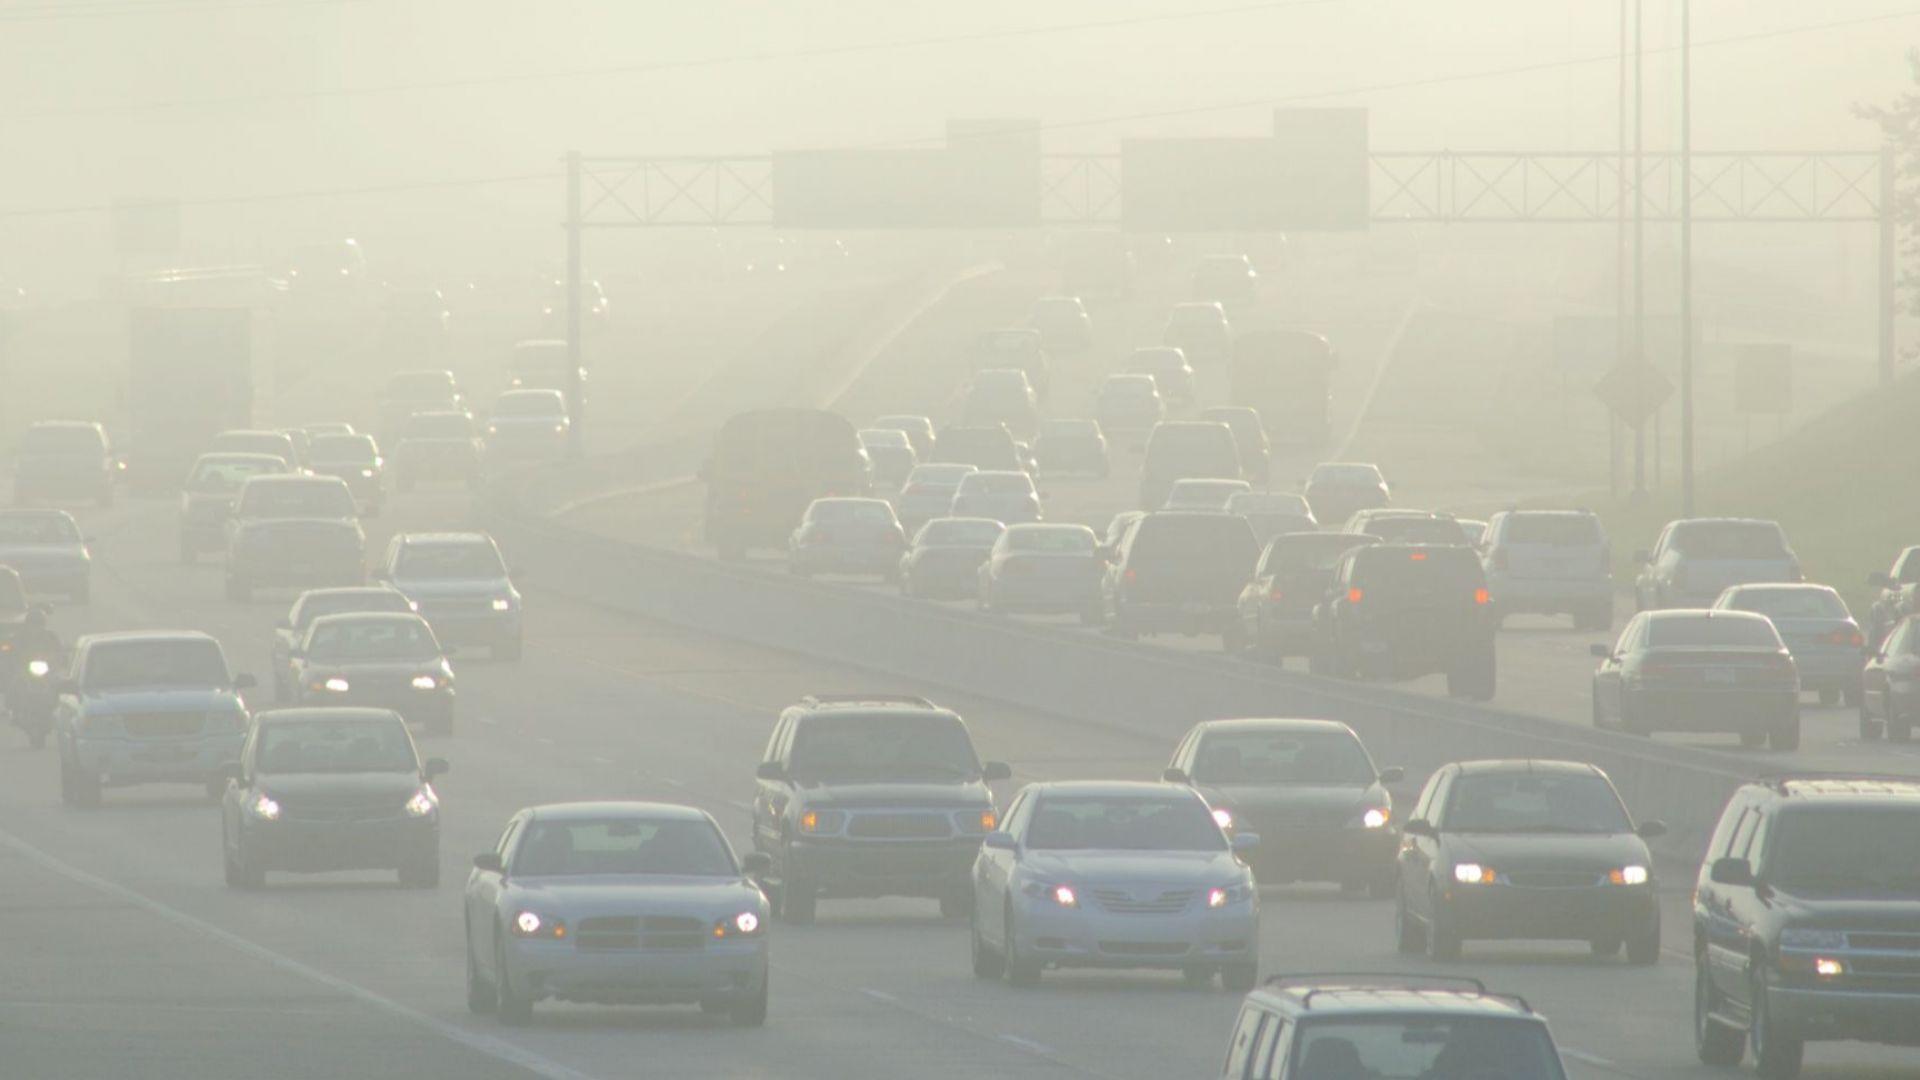 Близо 40% от шофьорите сe стараят да замърсяват по-малко околната среда